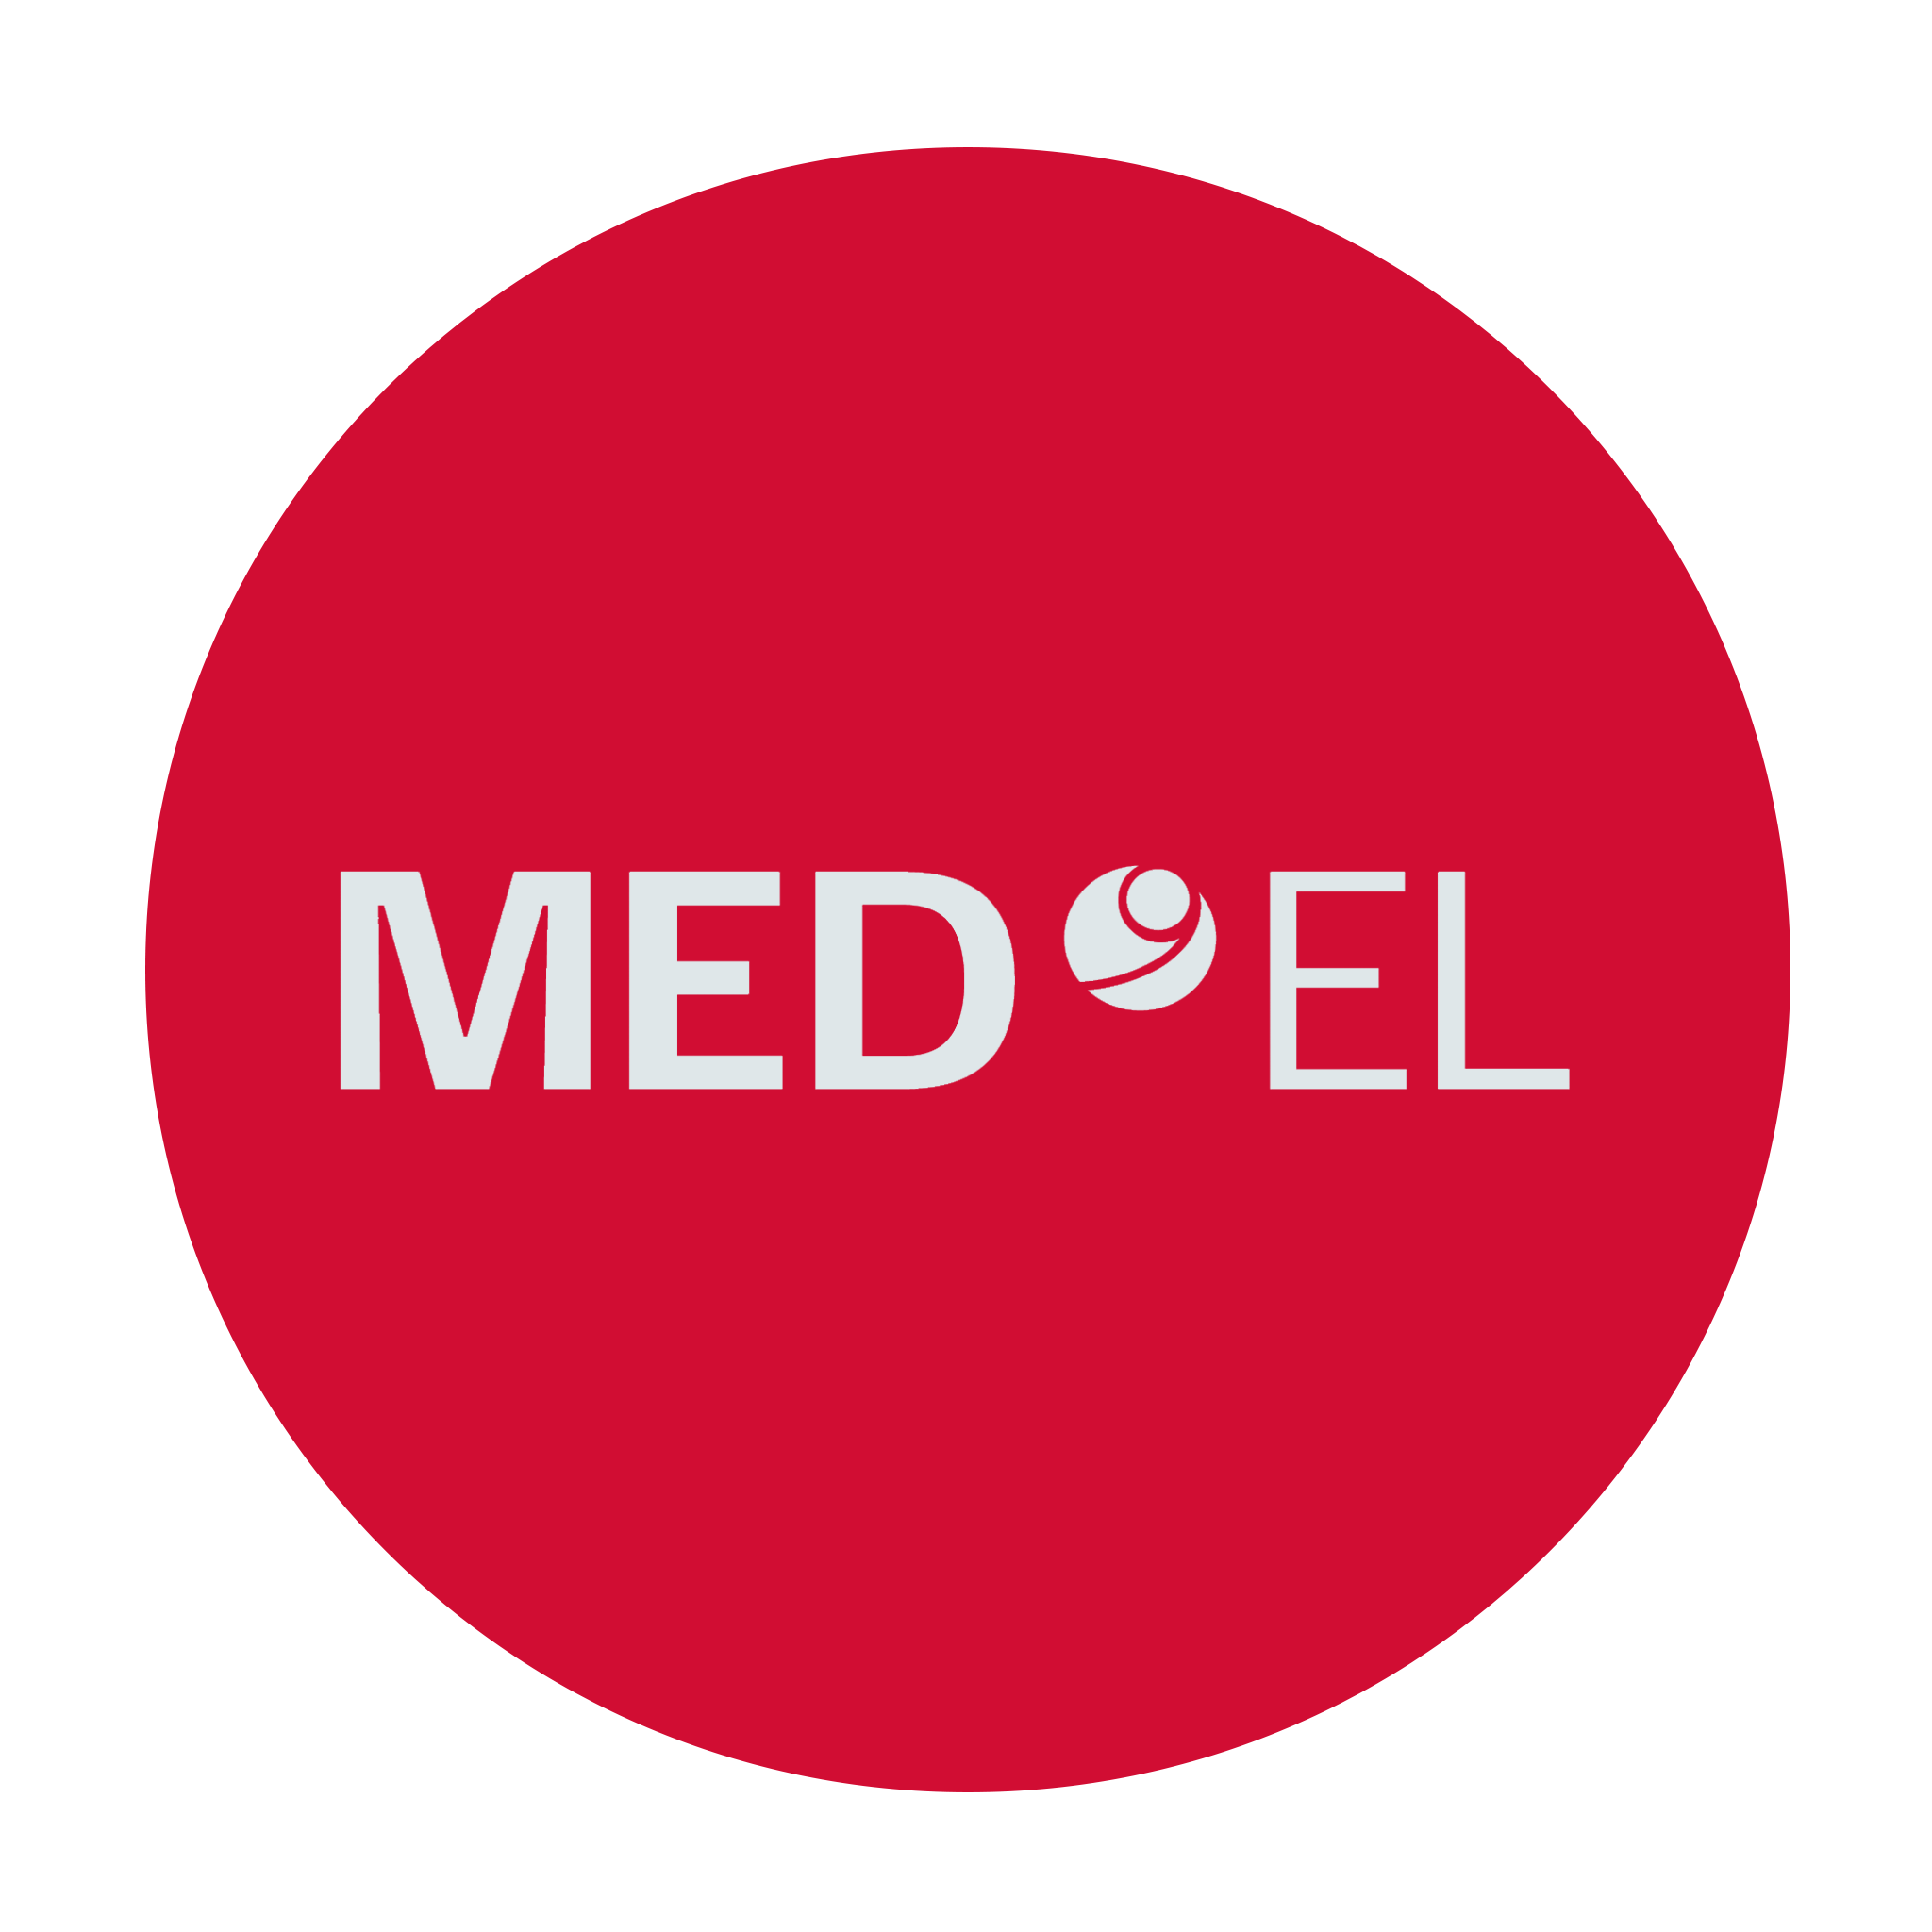 med-el logo in red circle